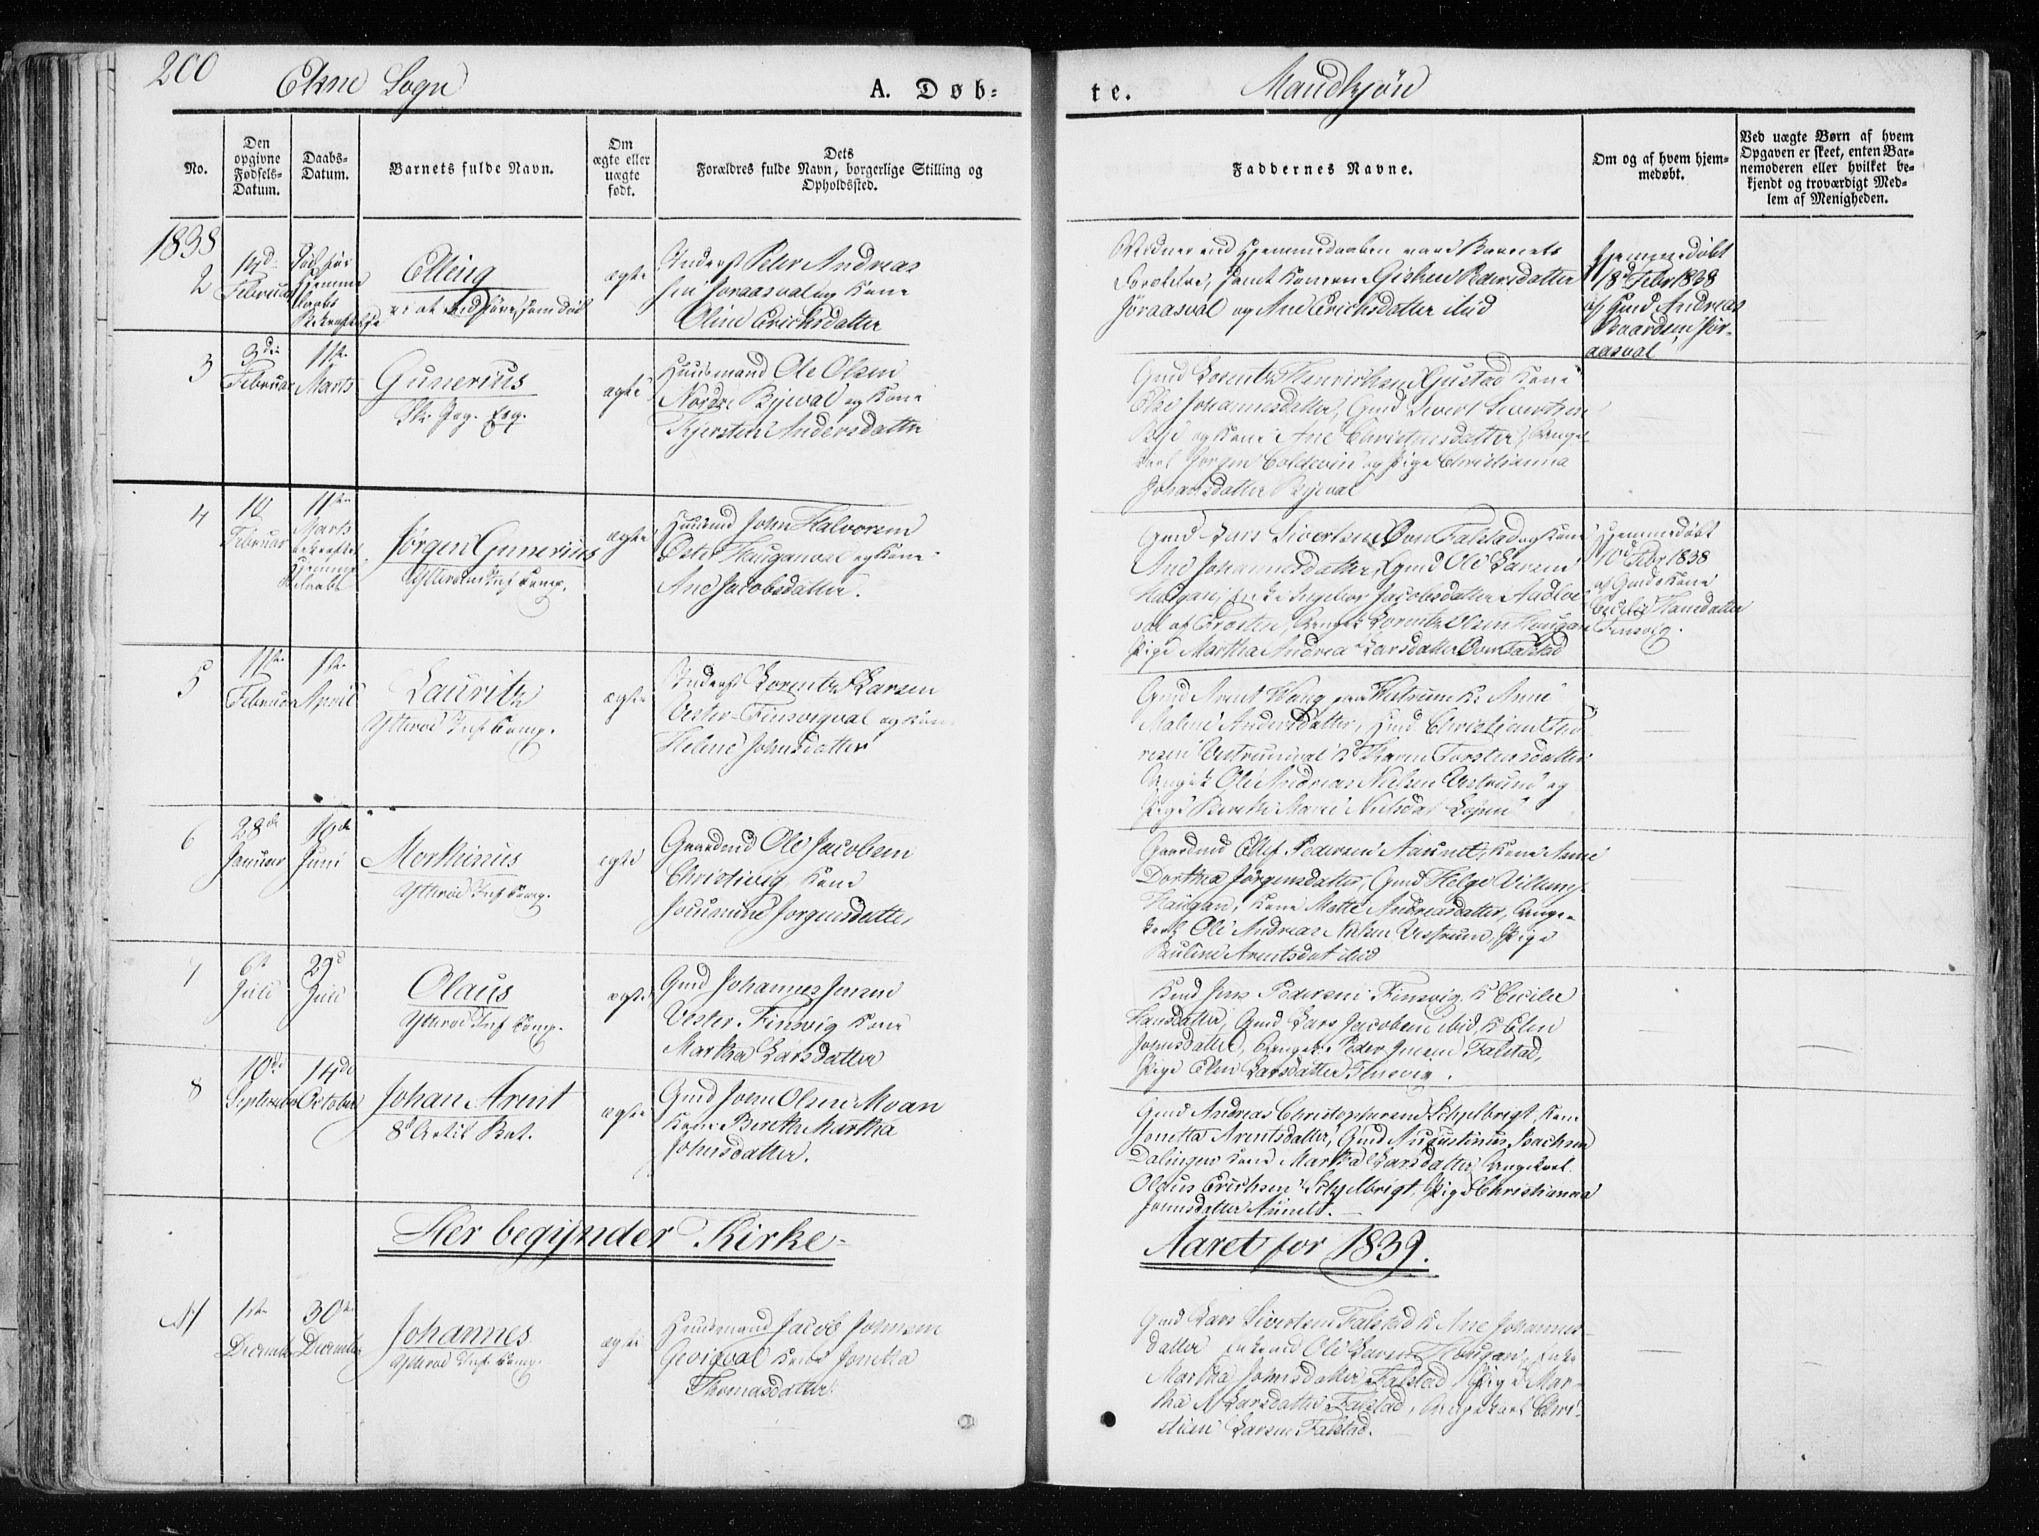 SAT, Ministerialprotokoller, klokkerbøker og fødselsregistre - Nord-Trøndelag, 717/L0154: Ministerialbok nr. 717A06 /2, 1836-1849, s. 200